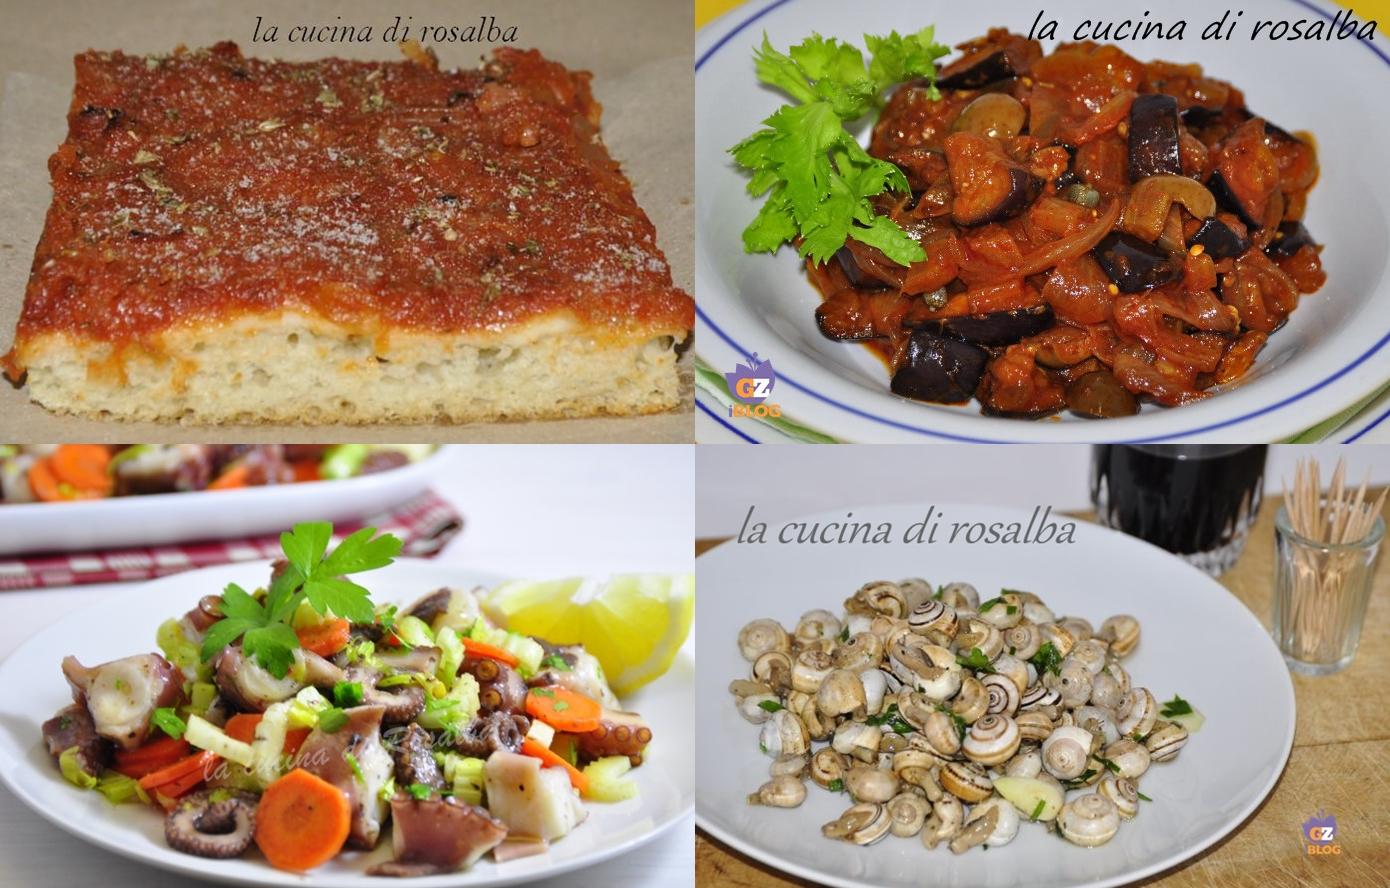 tipici siciliani e palermitani | la cucina di rosalba